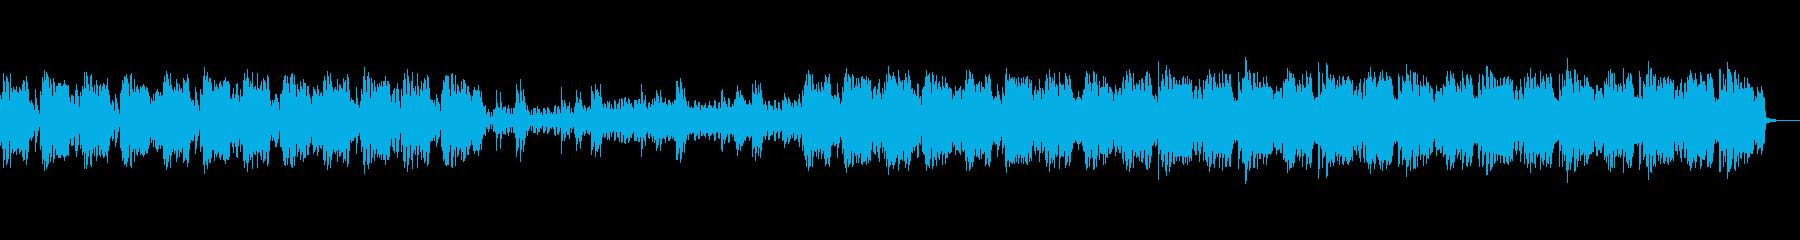 ヒーリング オーガニック1の再生済みの波形